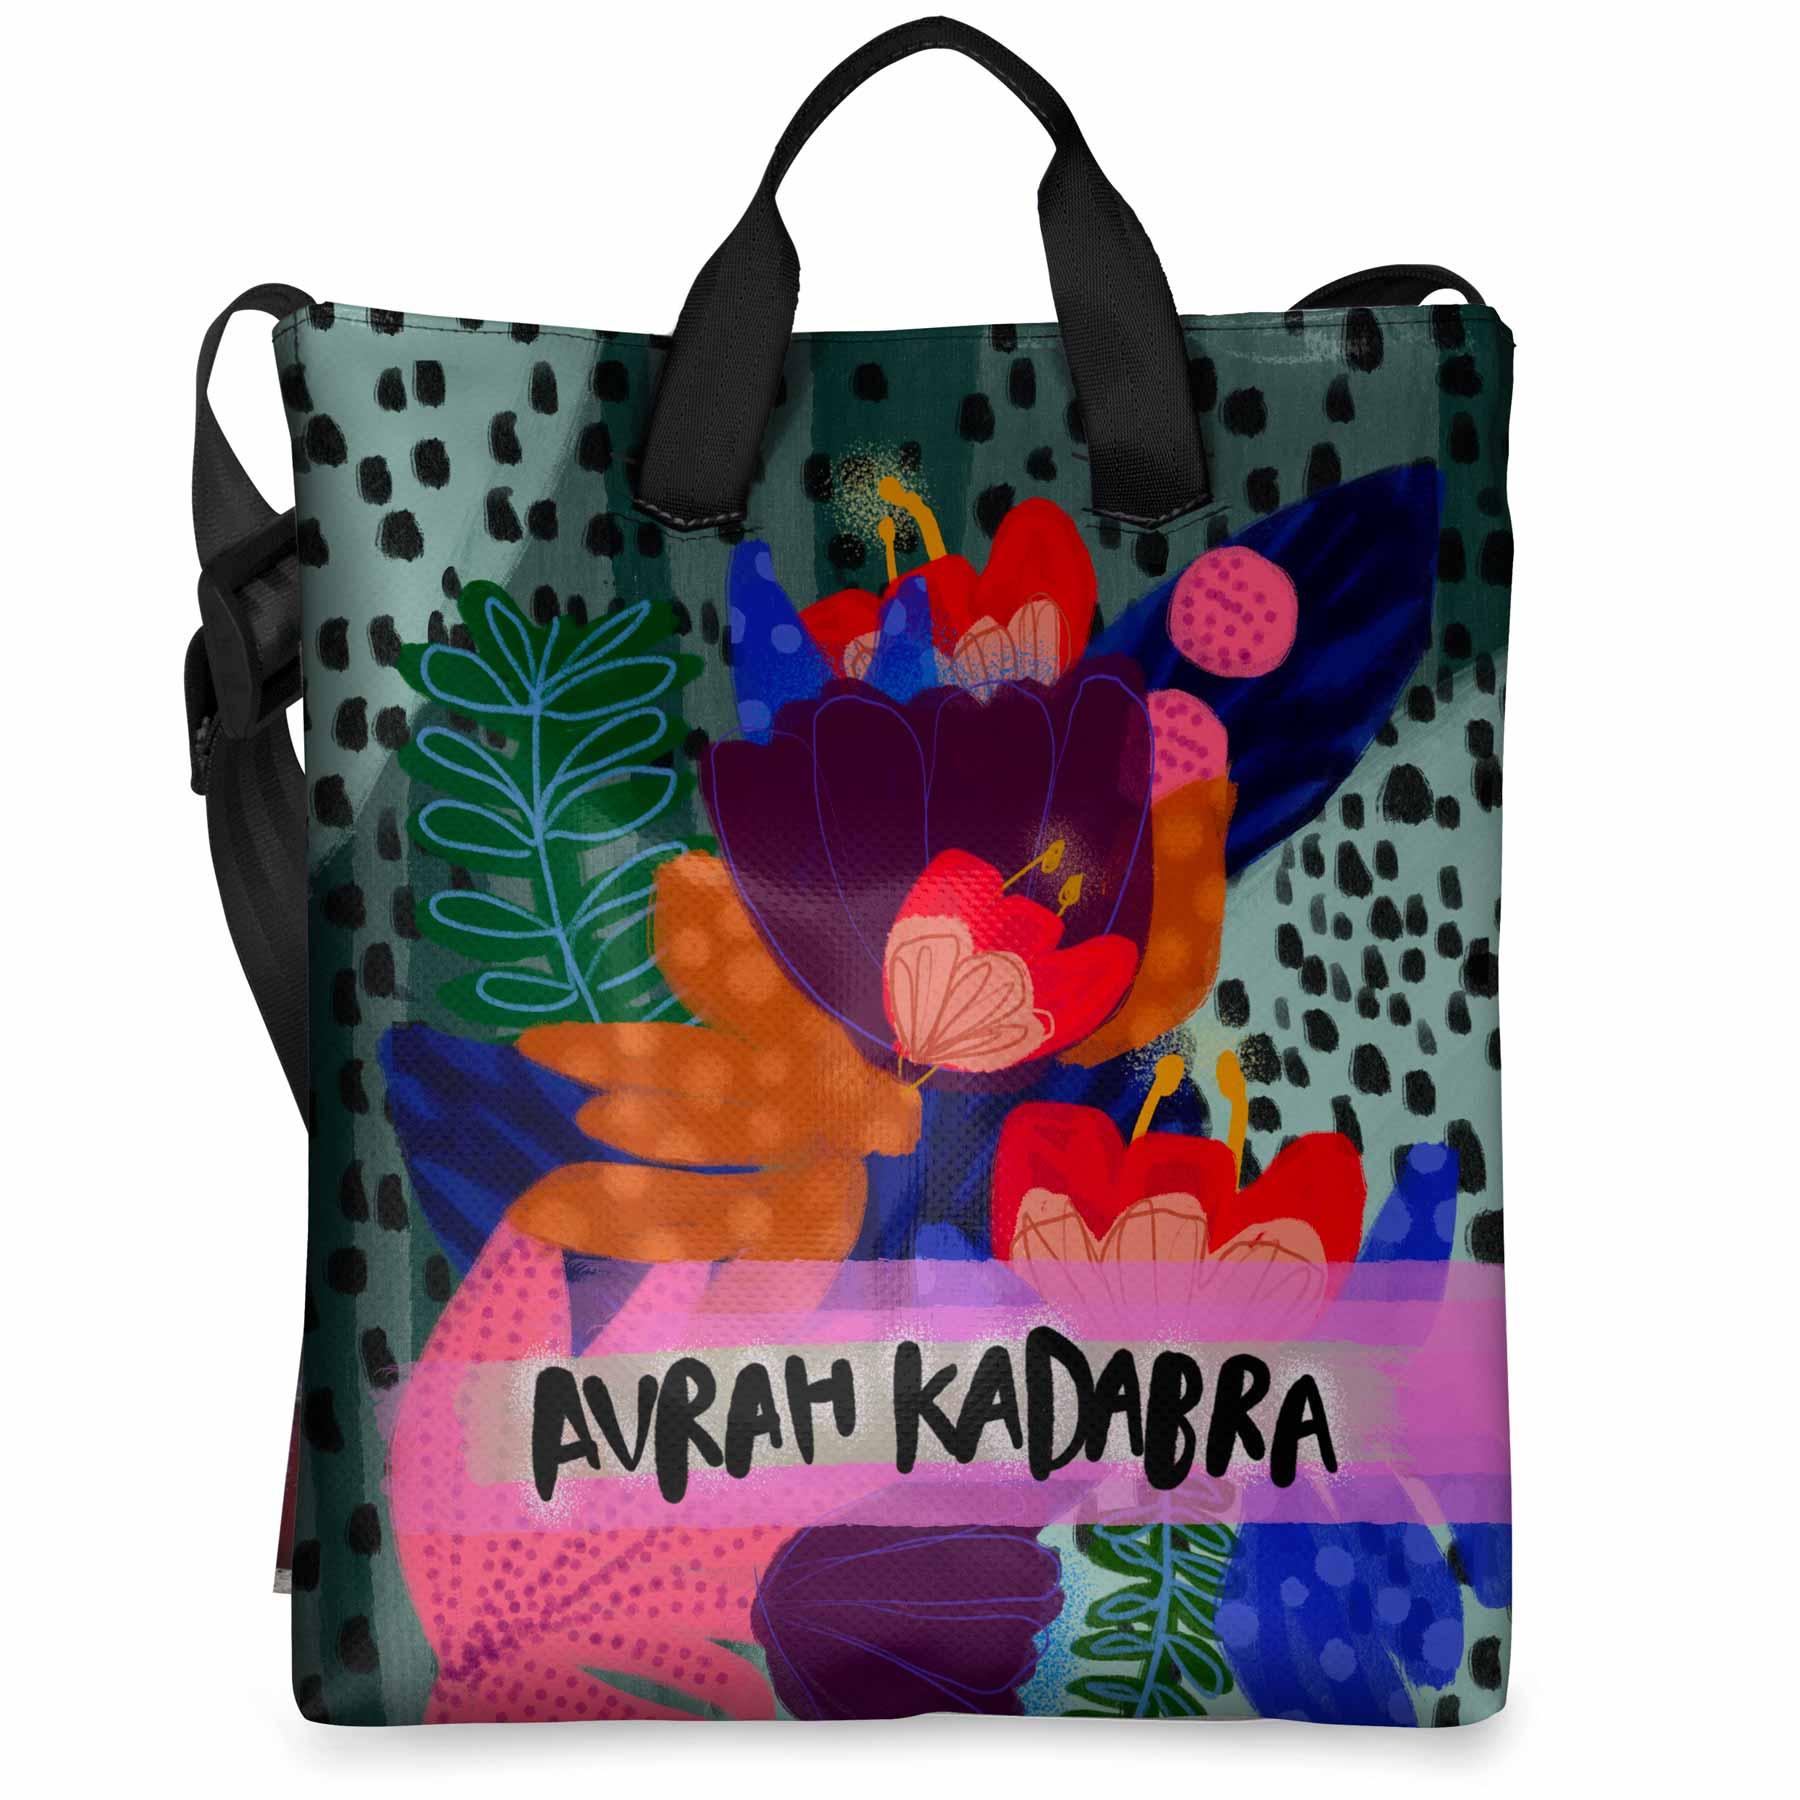 Manicona Avrah Kadabra